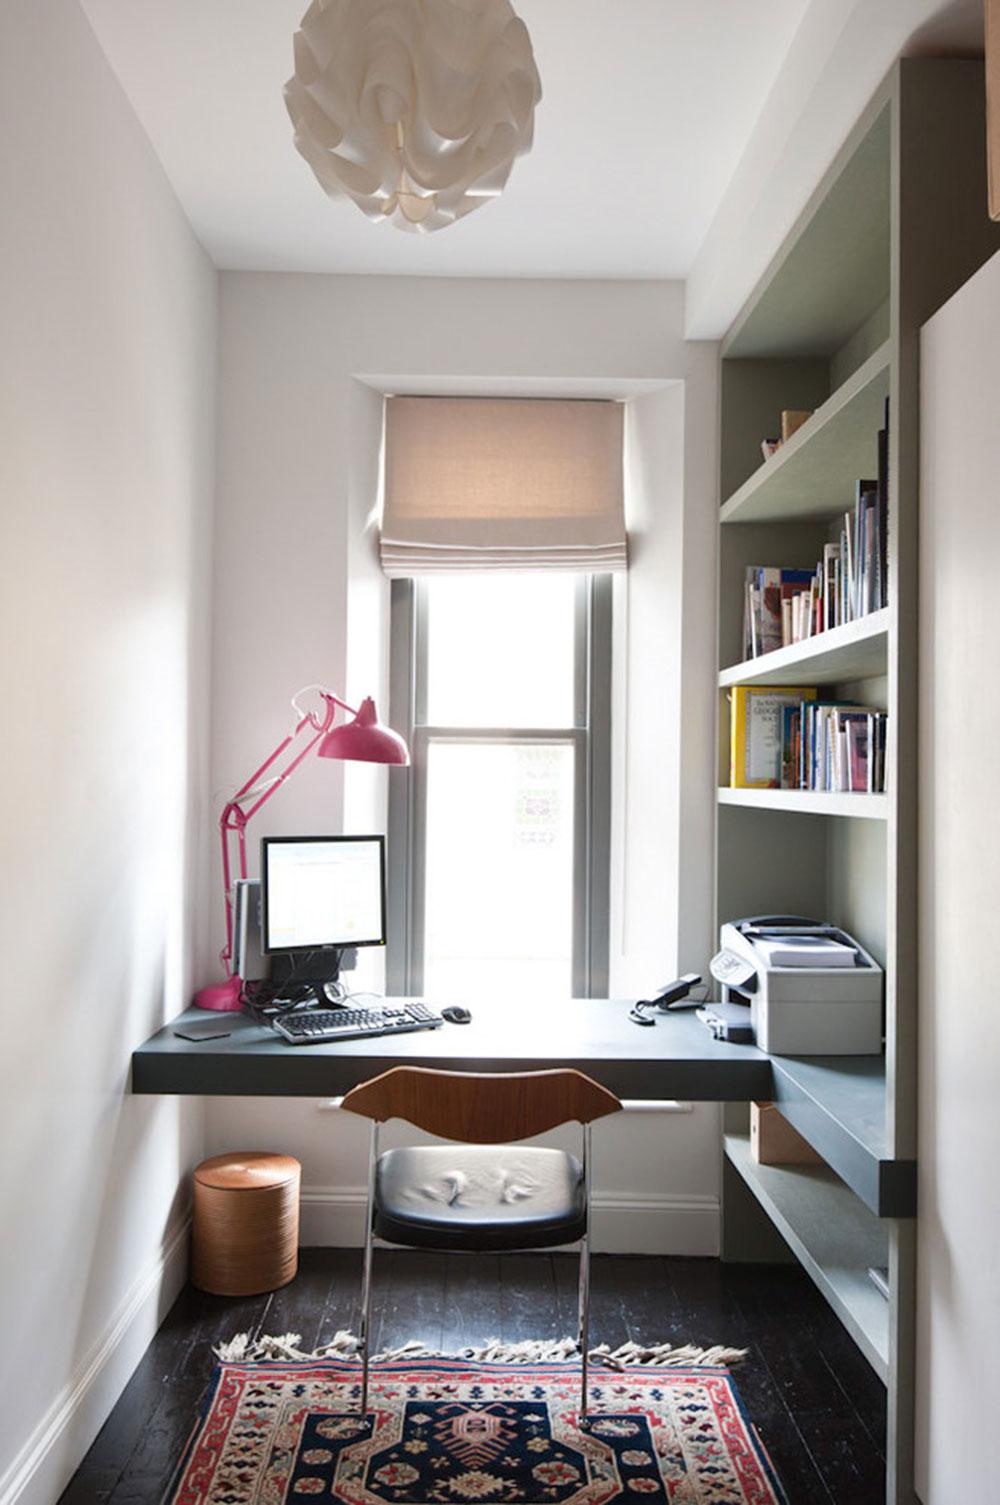 DIY-vägg-skrivbord-för-en-trevlig-jobb10 DIY väggmonterade skrivbord designidéer